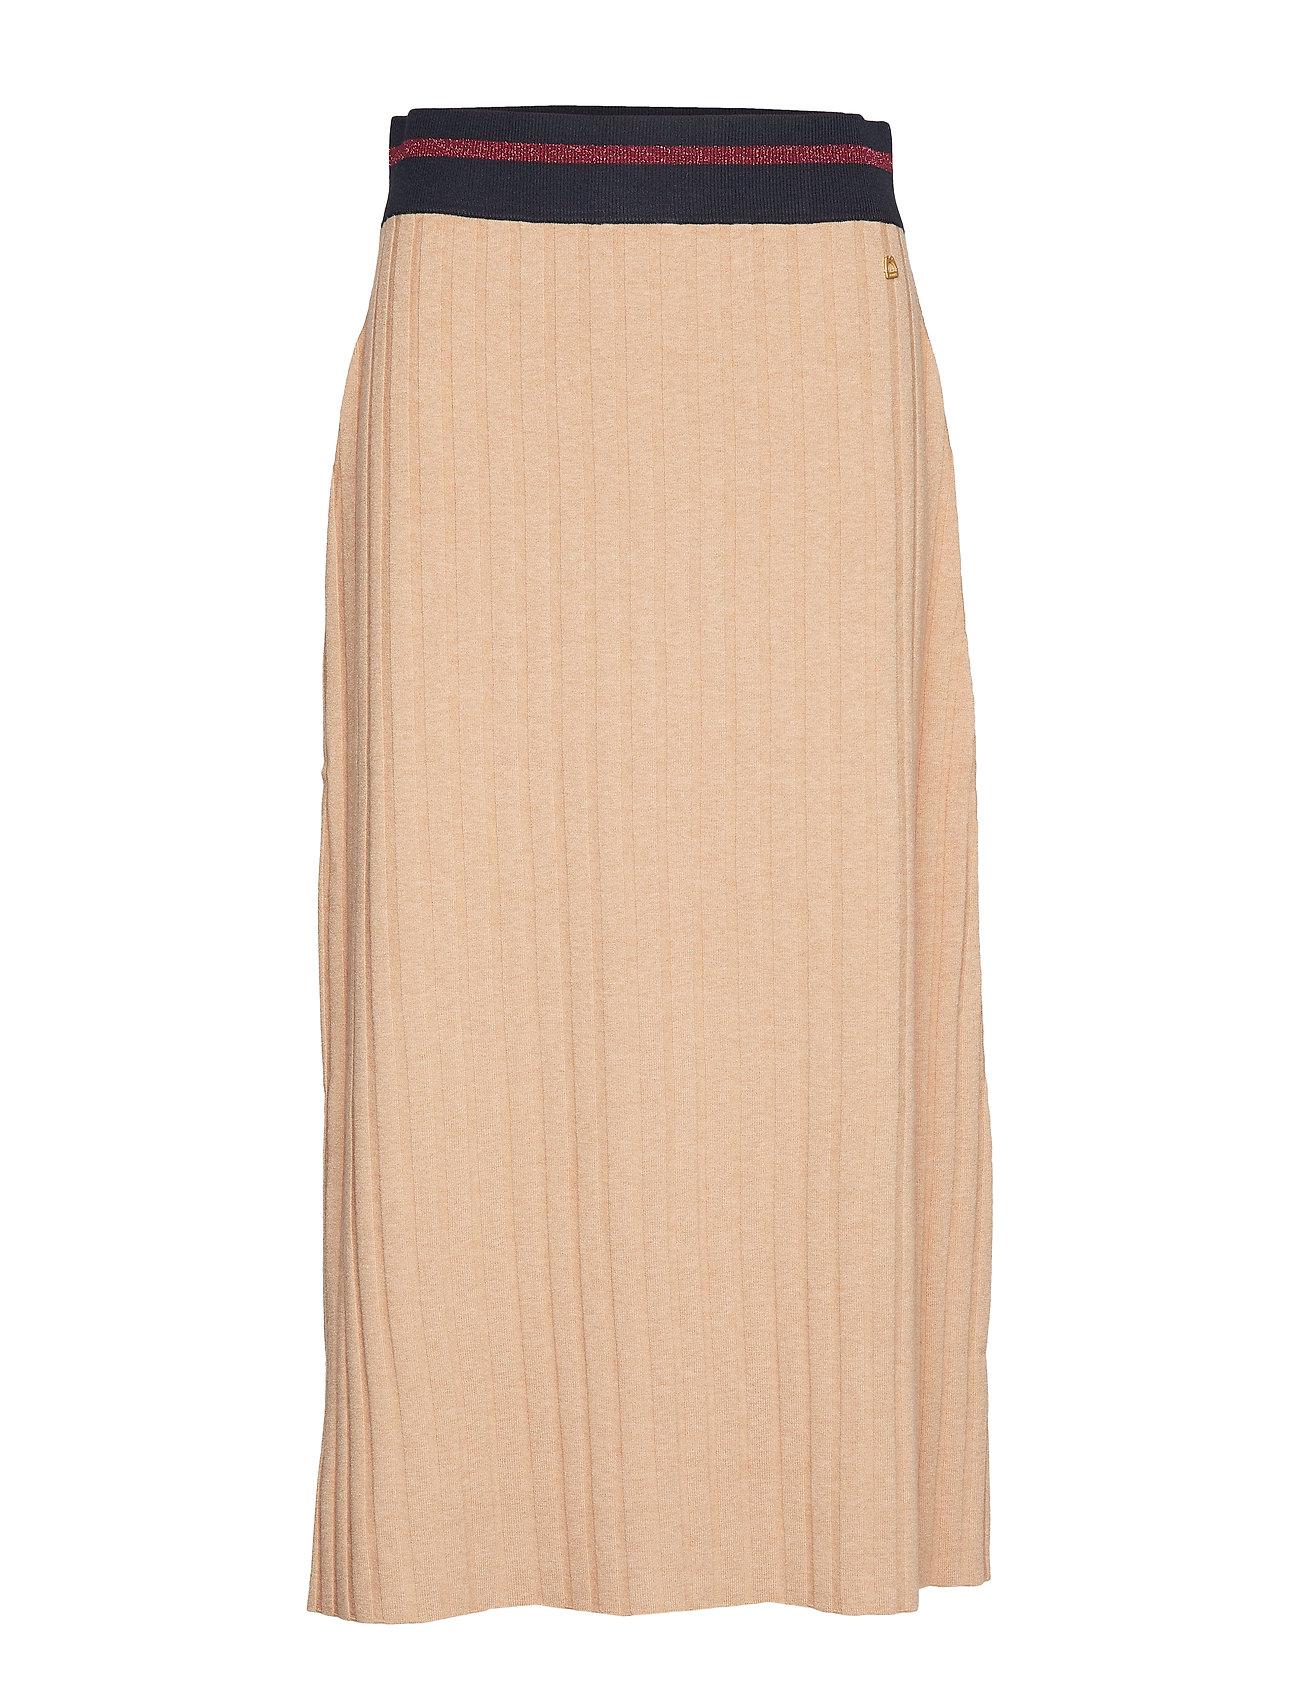 Image of Alette Knit Skirt Lang Nederdel Beige Morris Lady (3406196061)